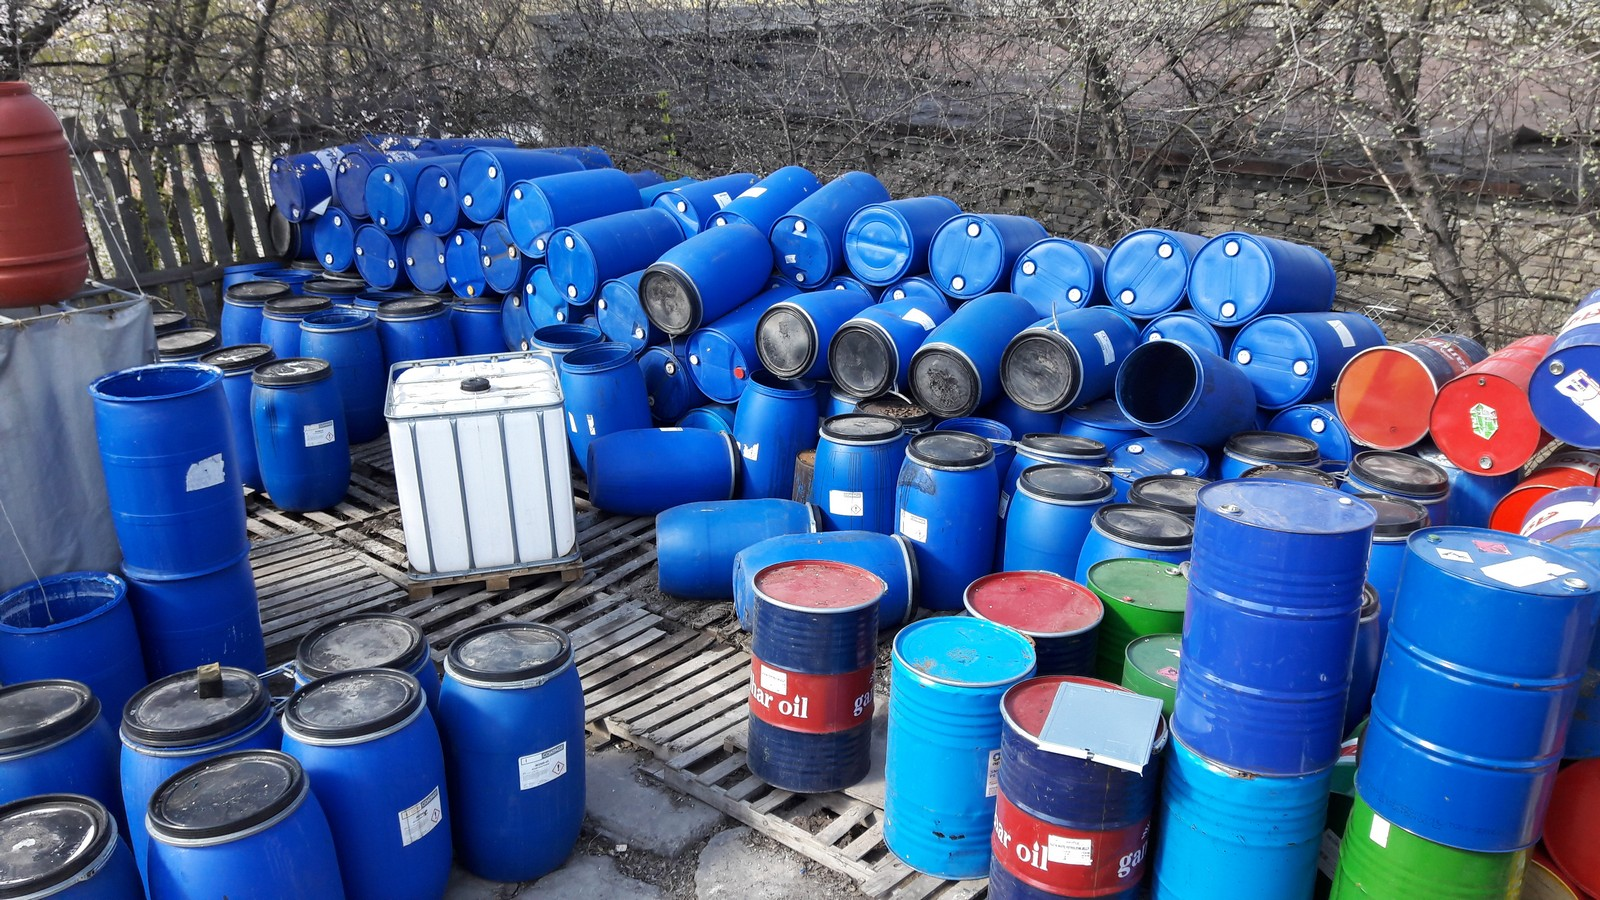 №21338 Продам бочки пластиковые 200л в хорошем состоянии Харьков